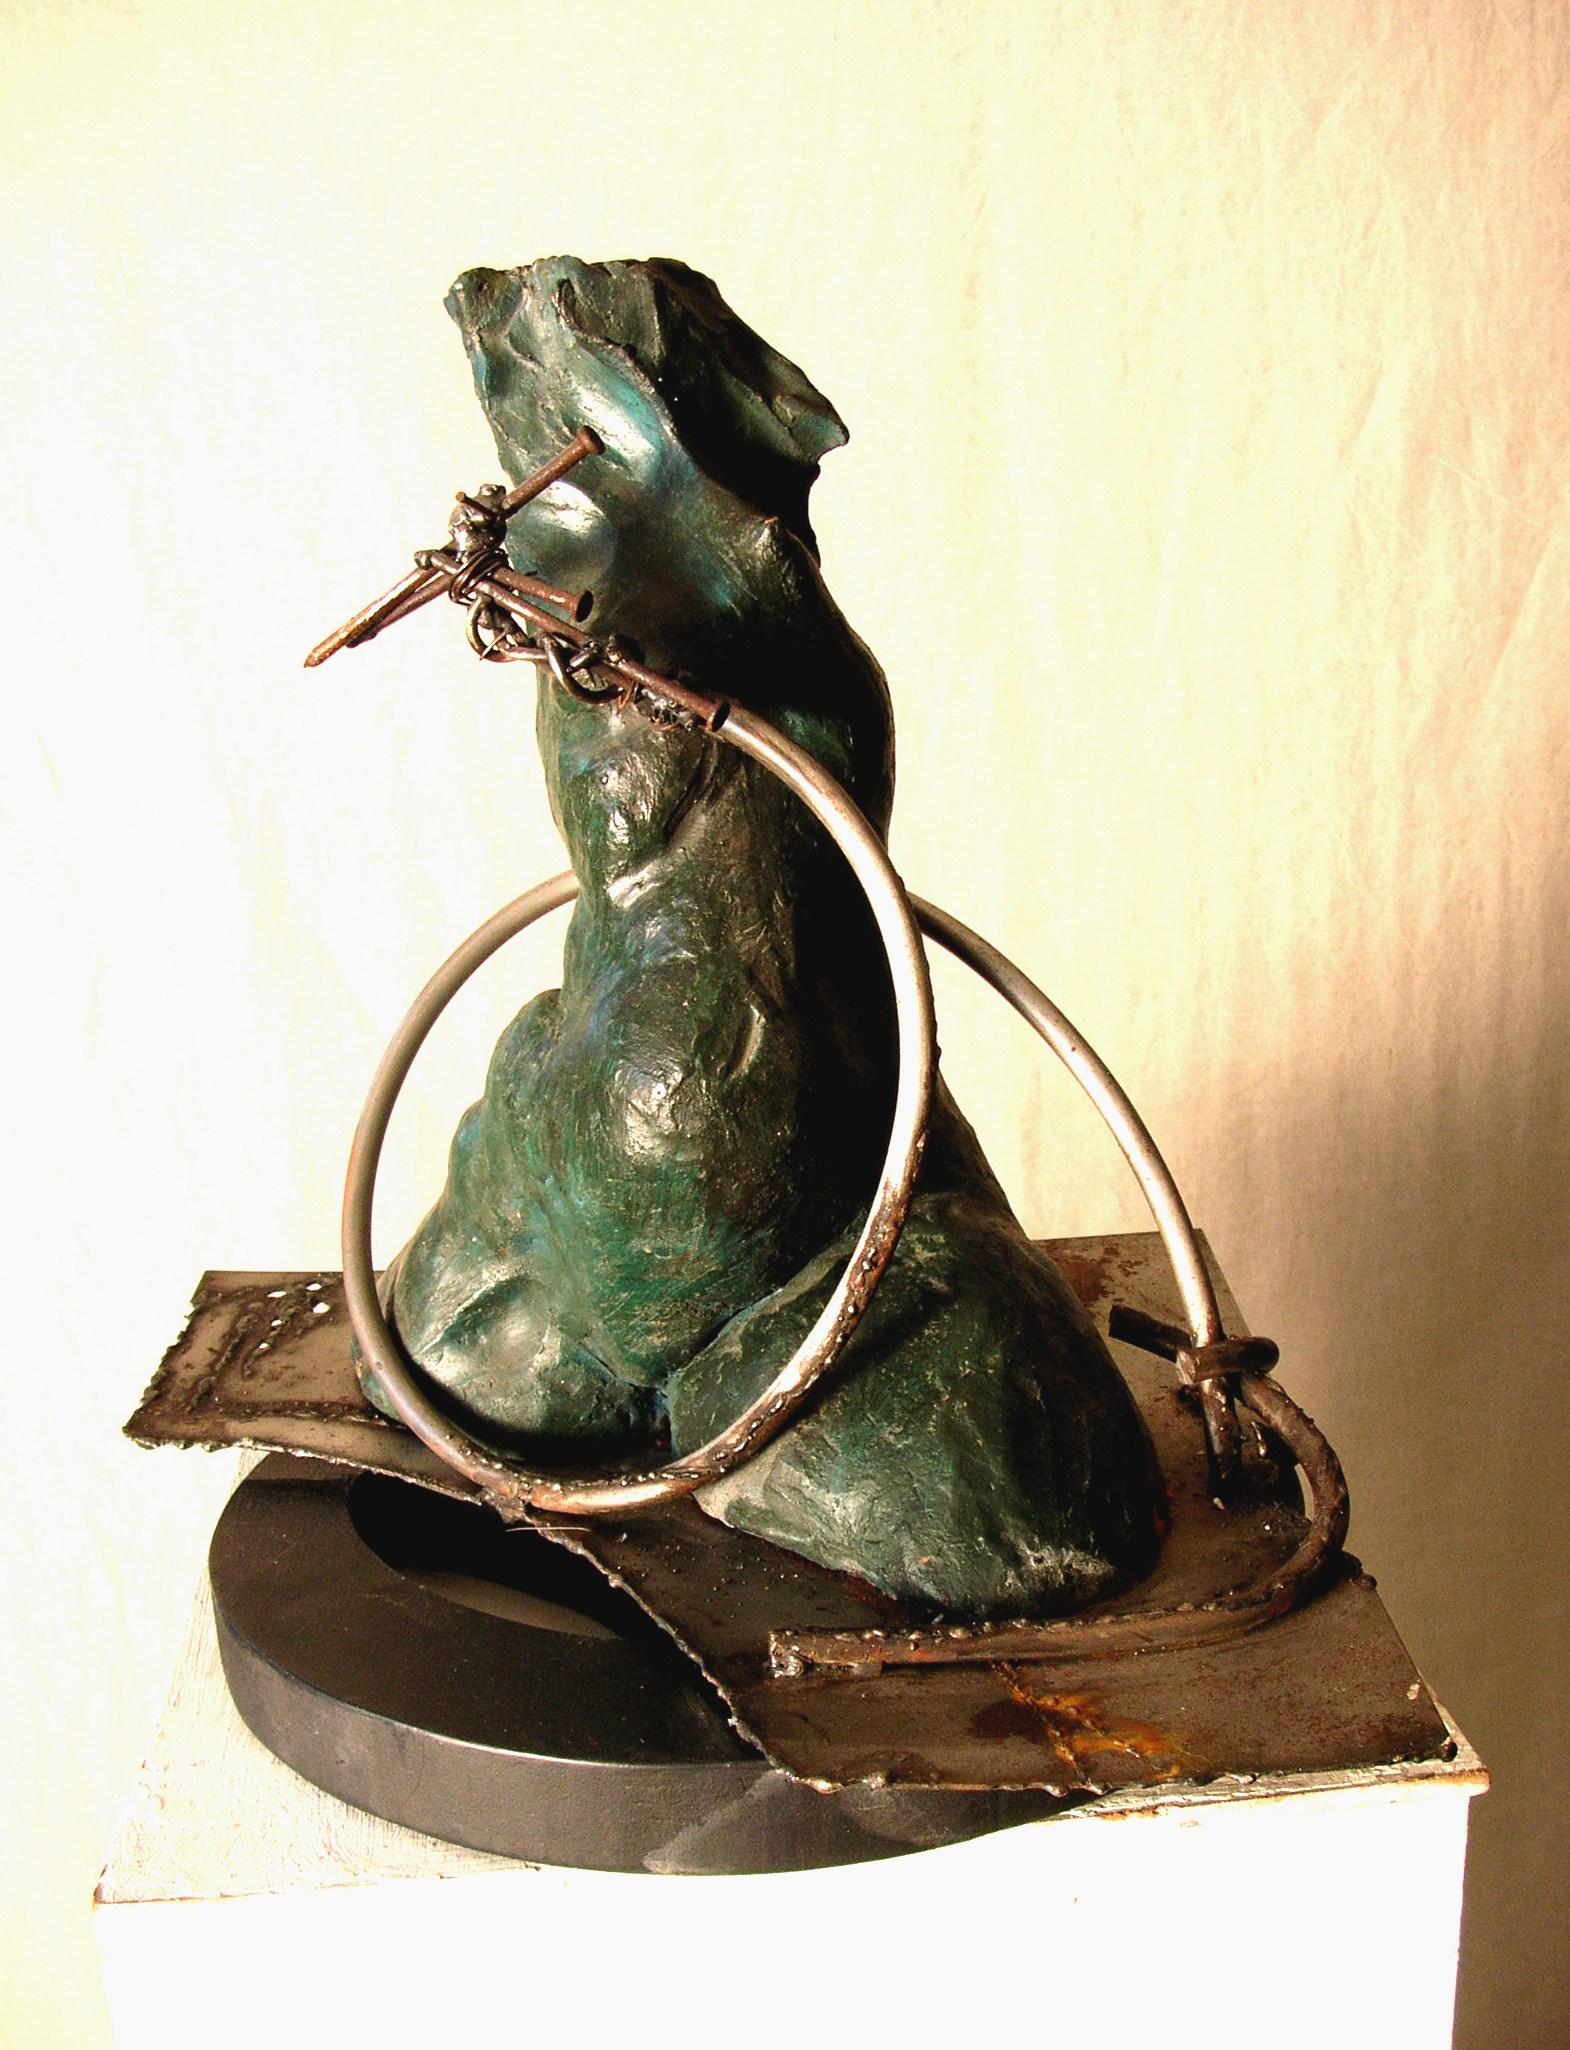 cerchi-aperti-2000-acciaio-e-terracotta-patinata-dscn0743